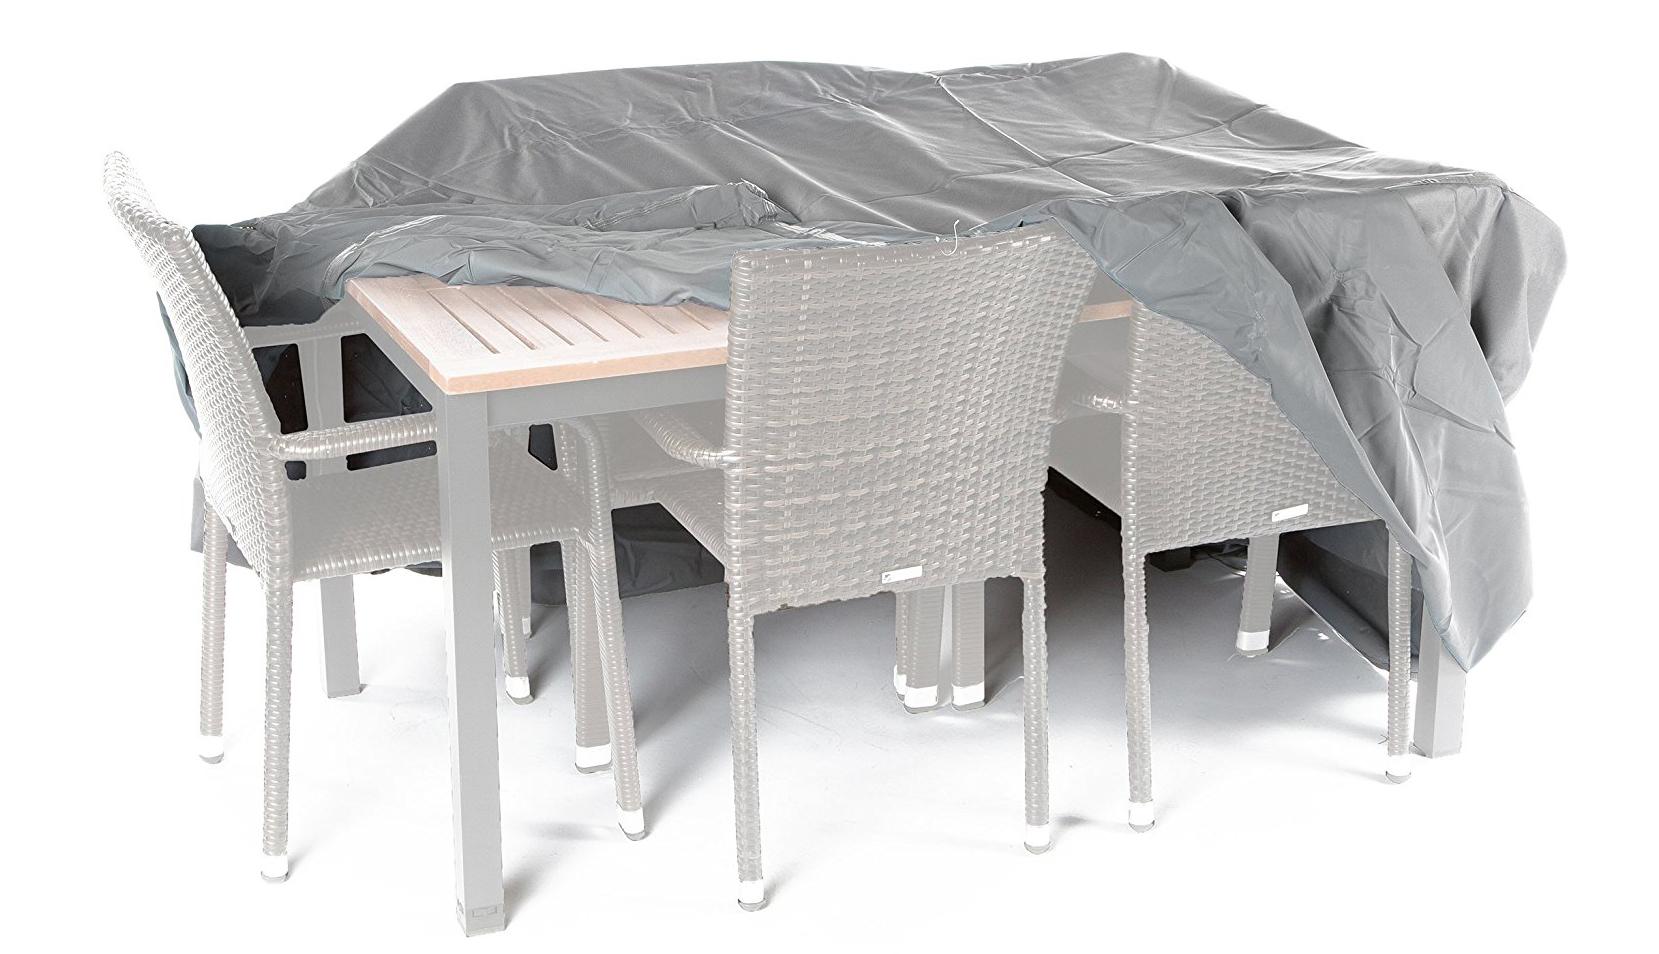 Fundas para muebles de jard n mejores ofertas del 2019 for Fundas muebles terraza